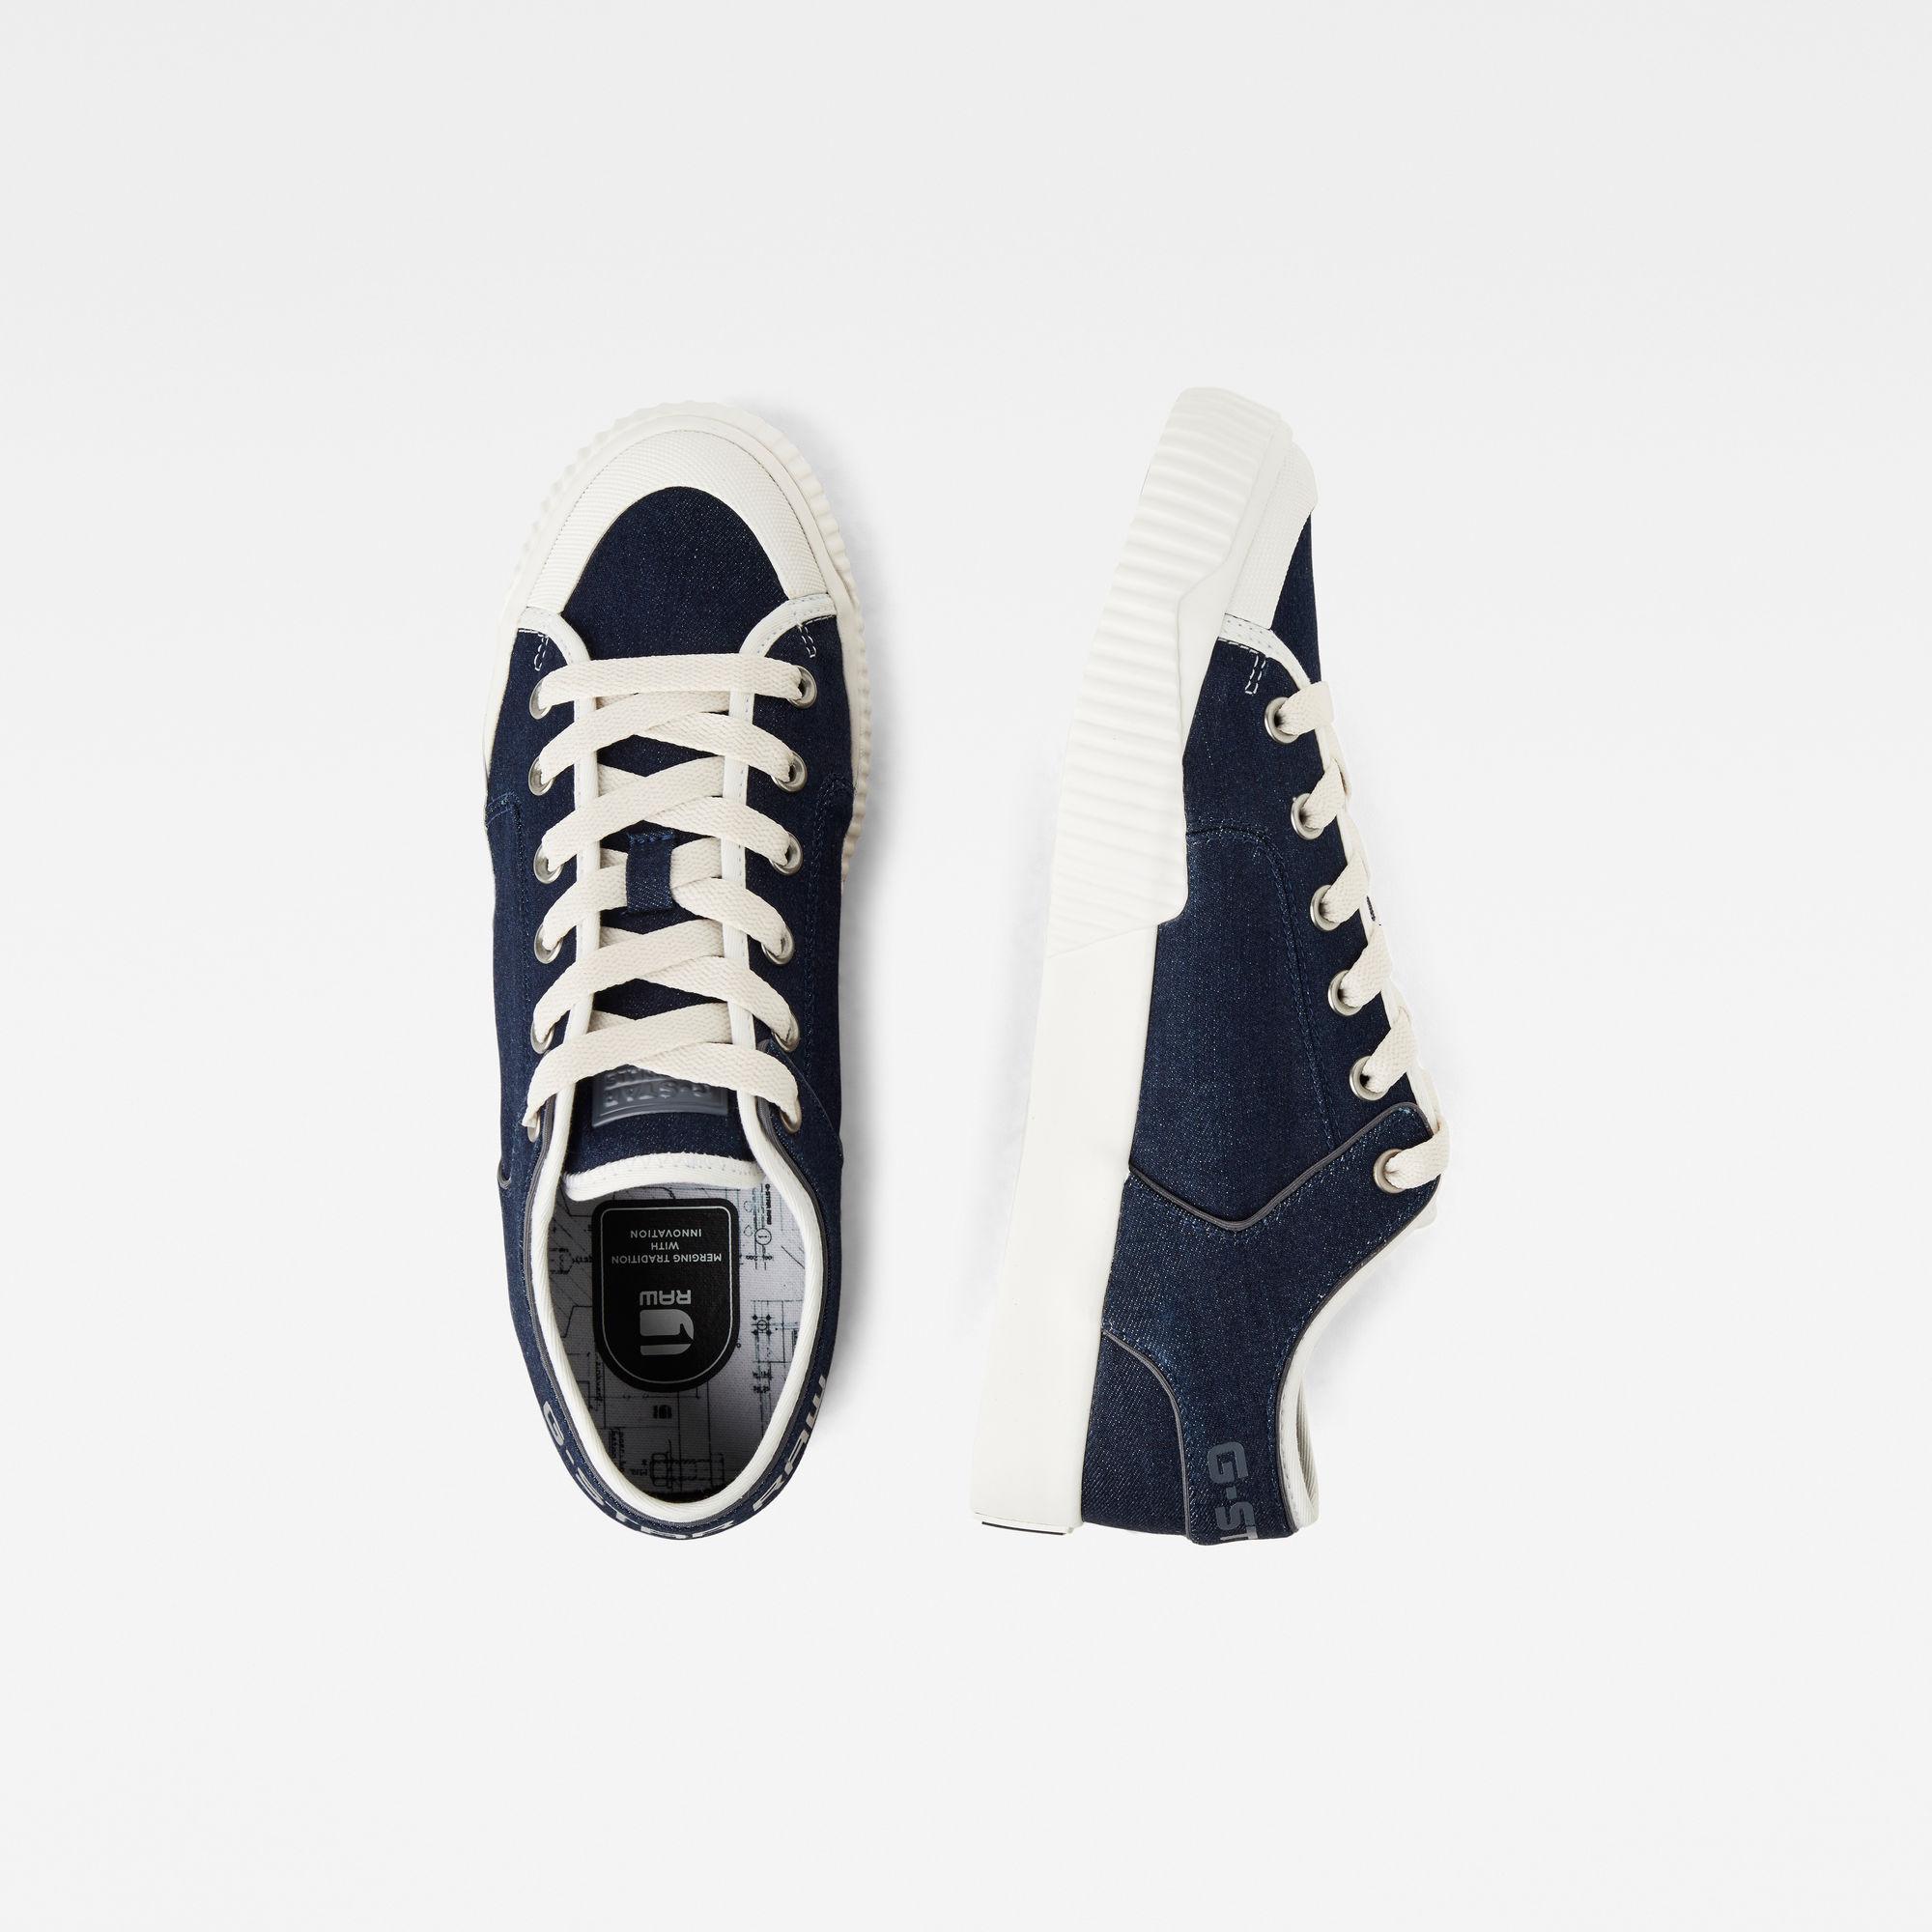 Rackam Tendric Denim Sneakers